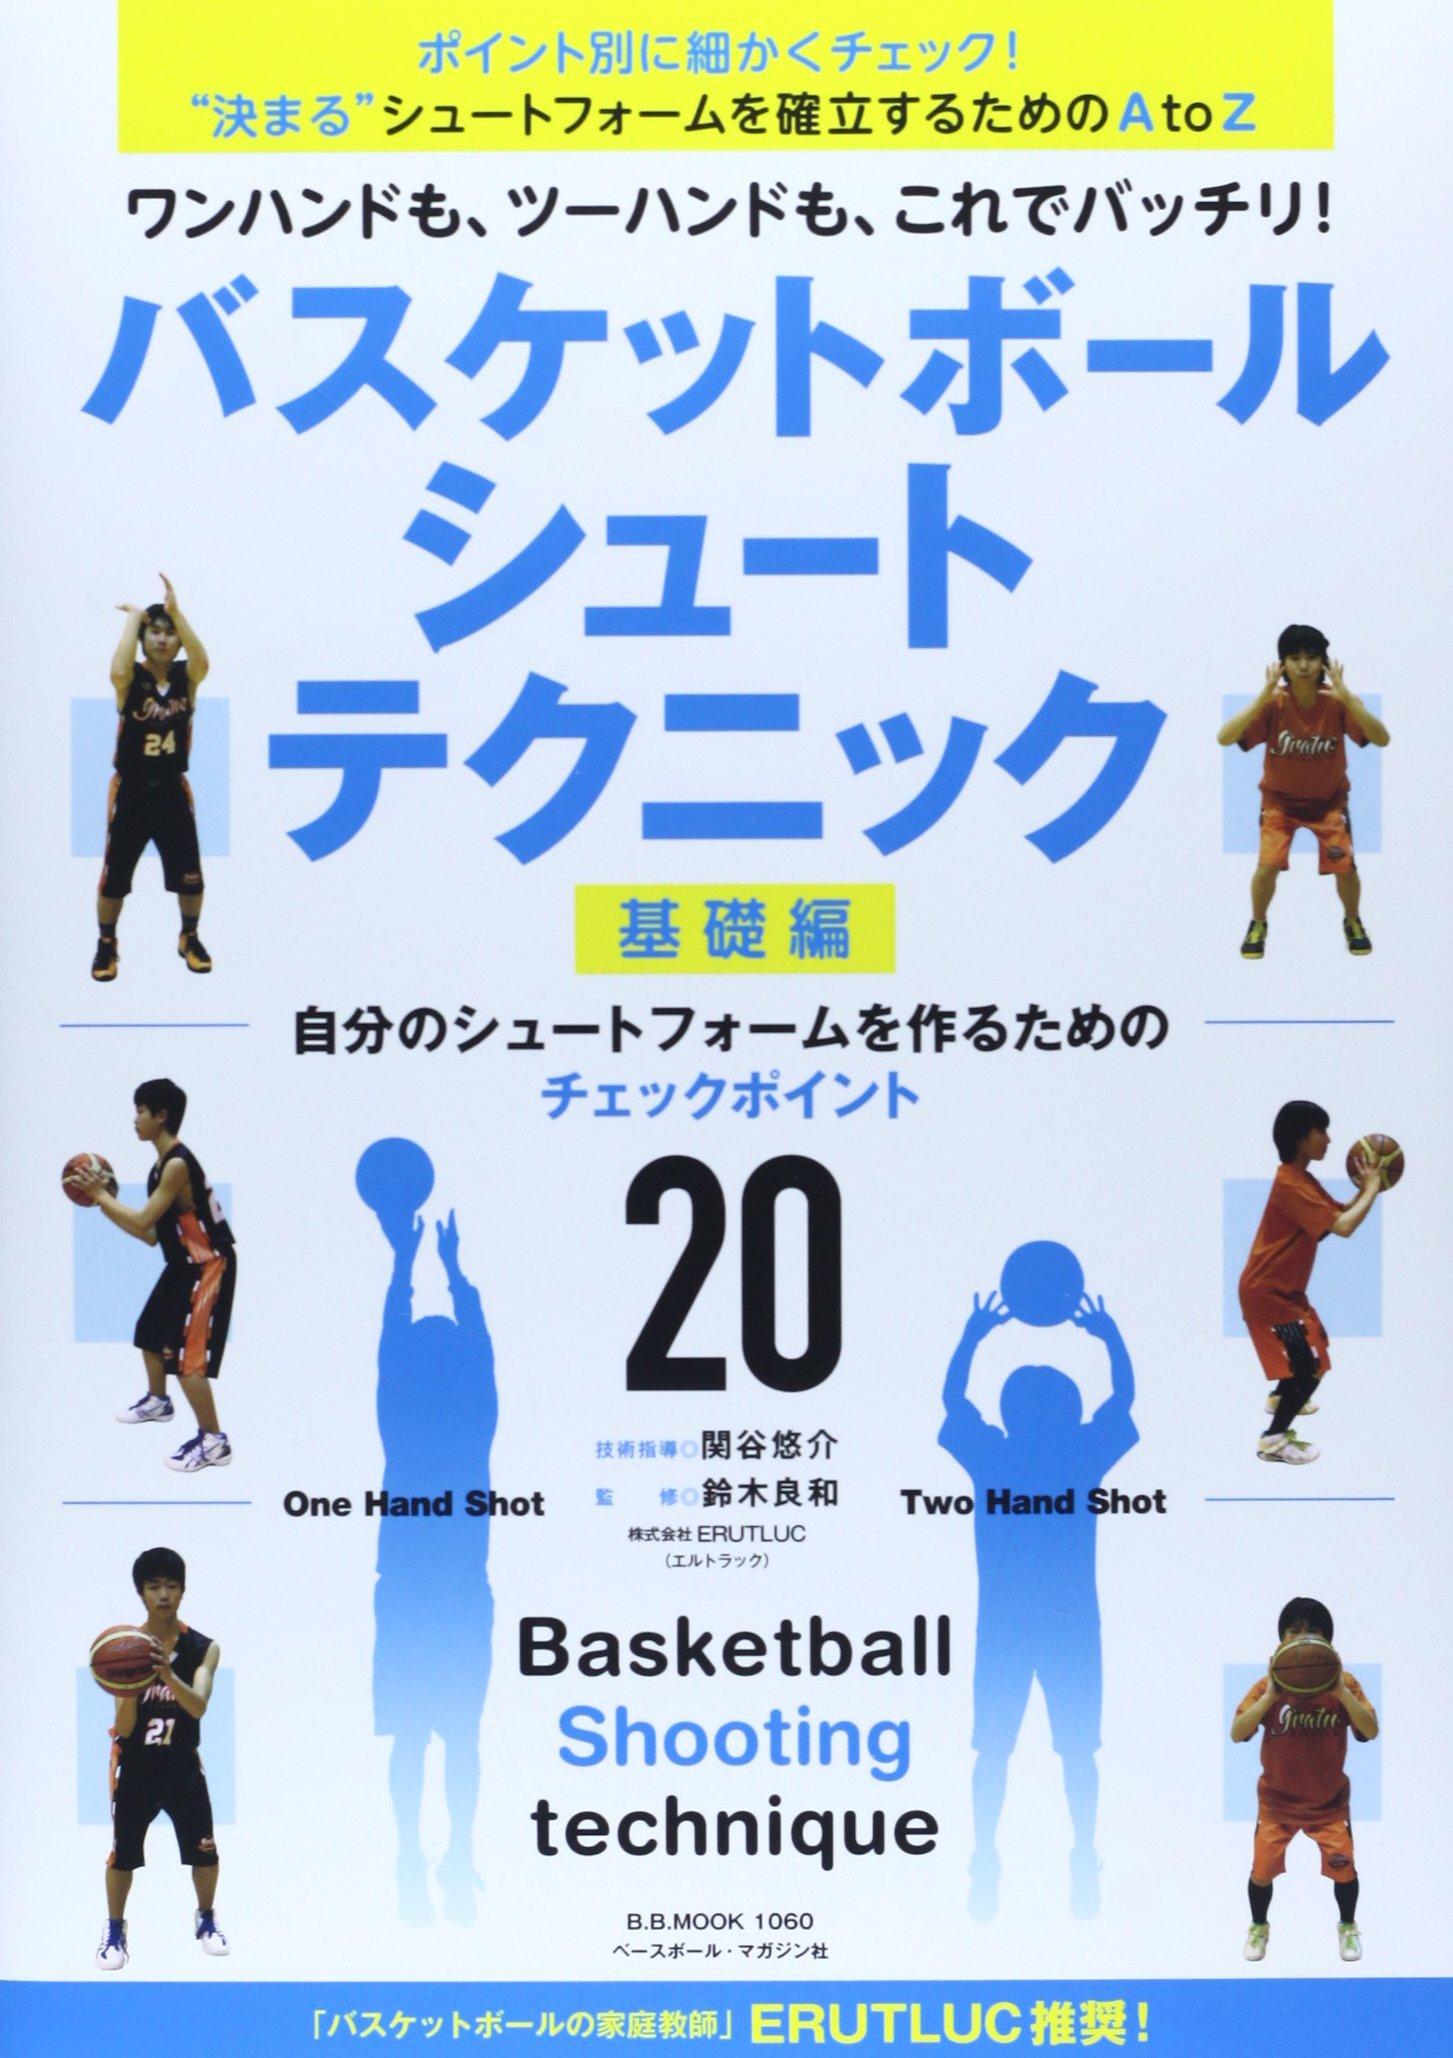 バスケットボール シュートテクニック